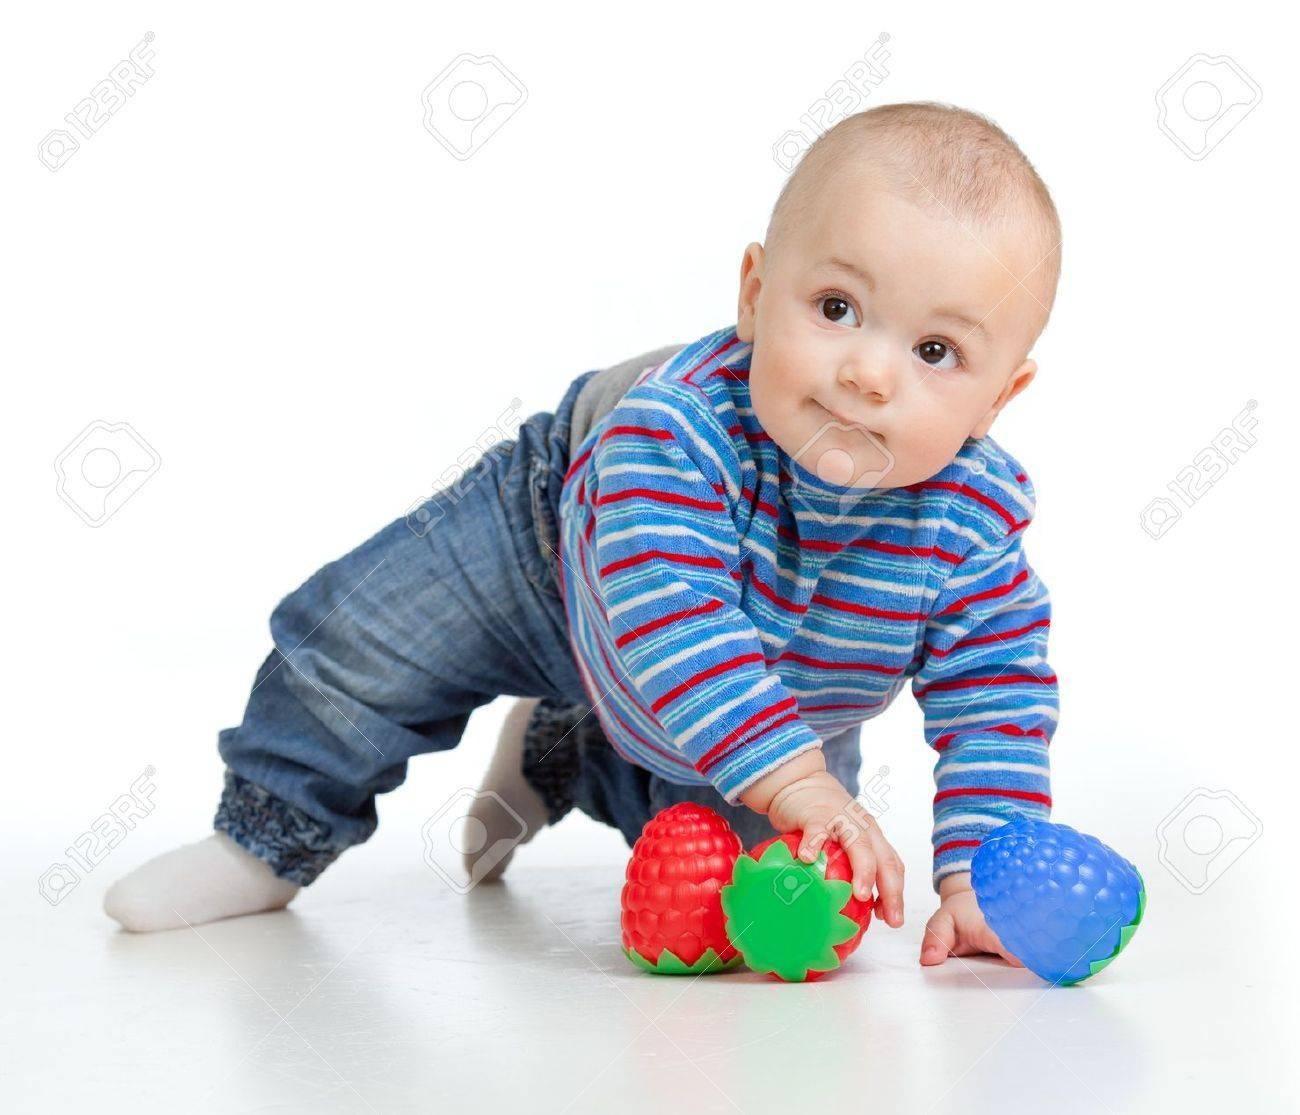 白で分離されたおもちゃで遊んで面白い赤ちゃん の写真素材 画像素材 Image